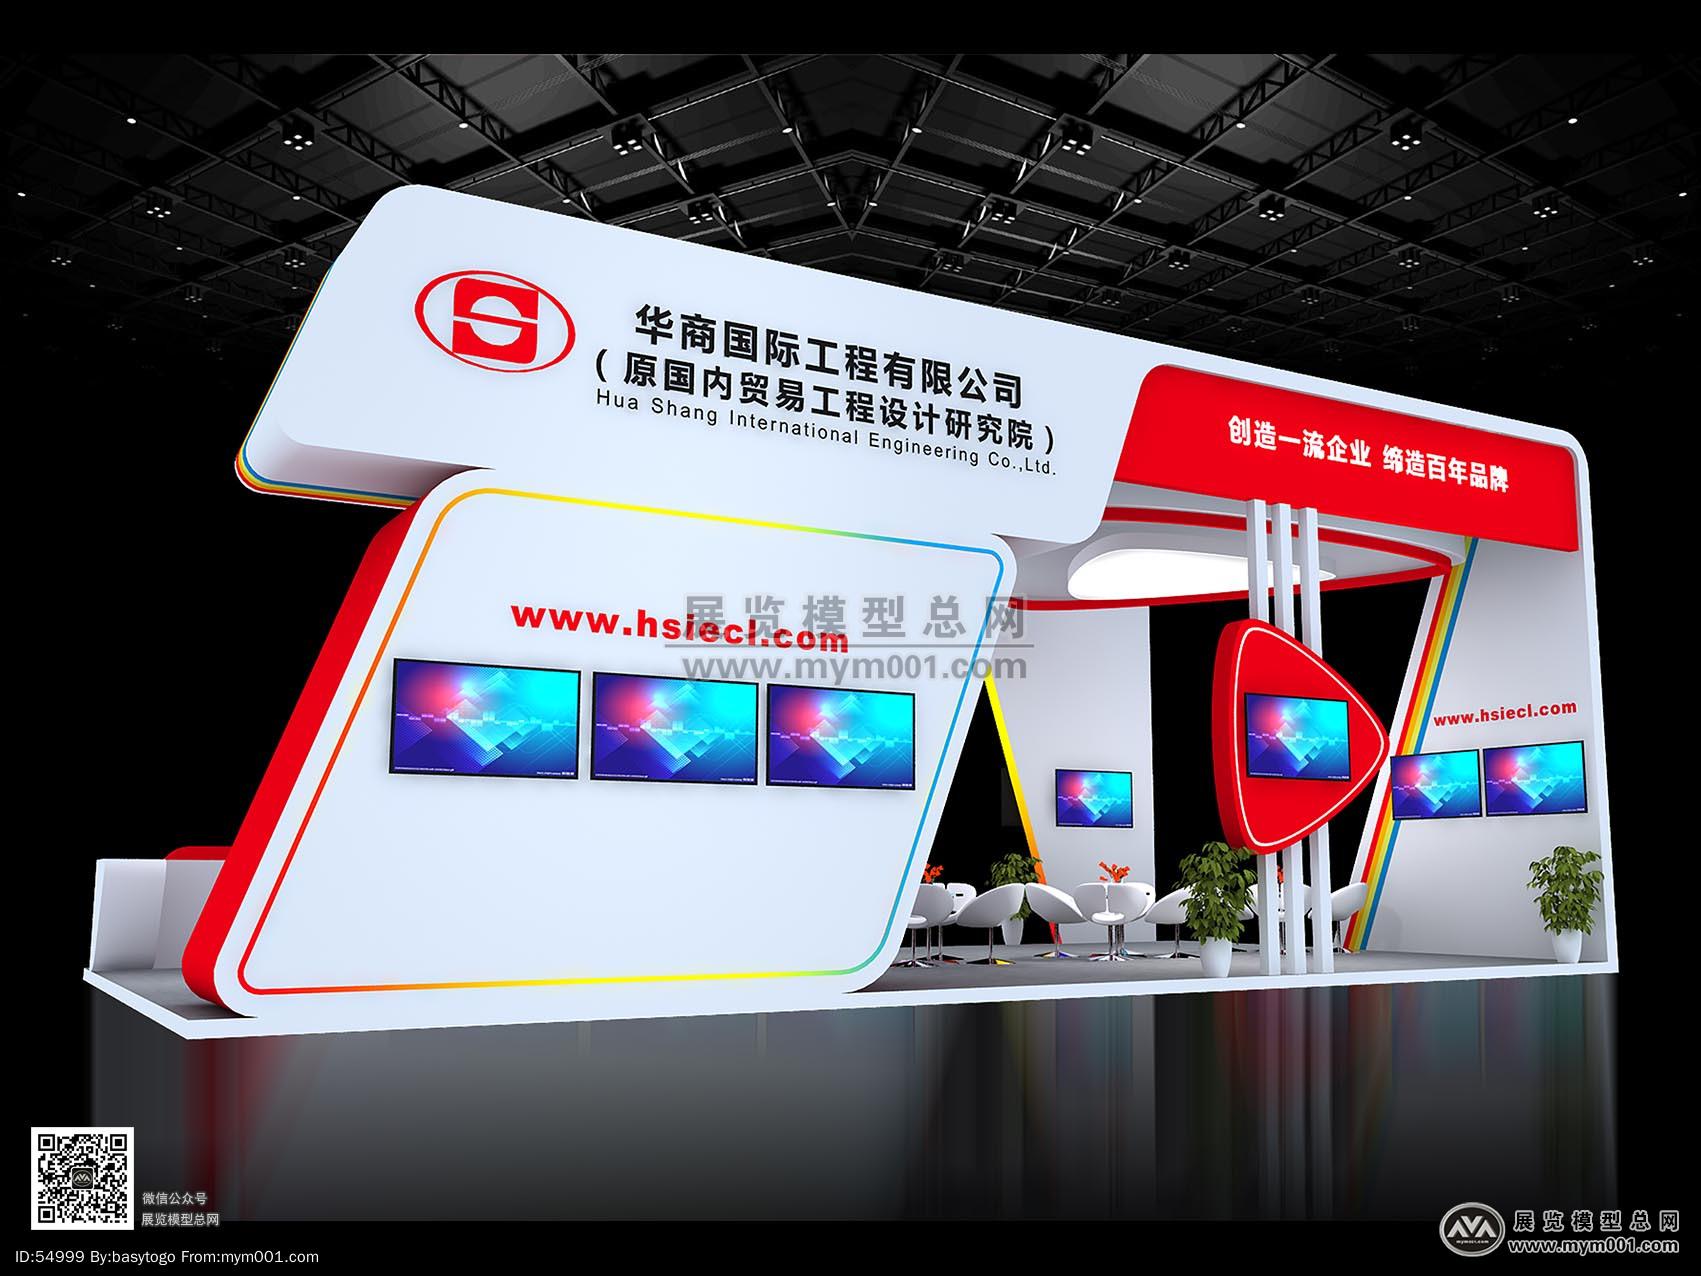 华商国际工程